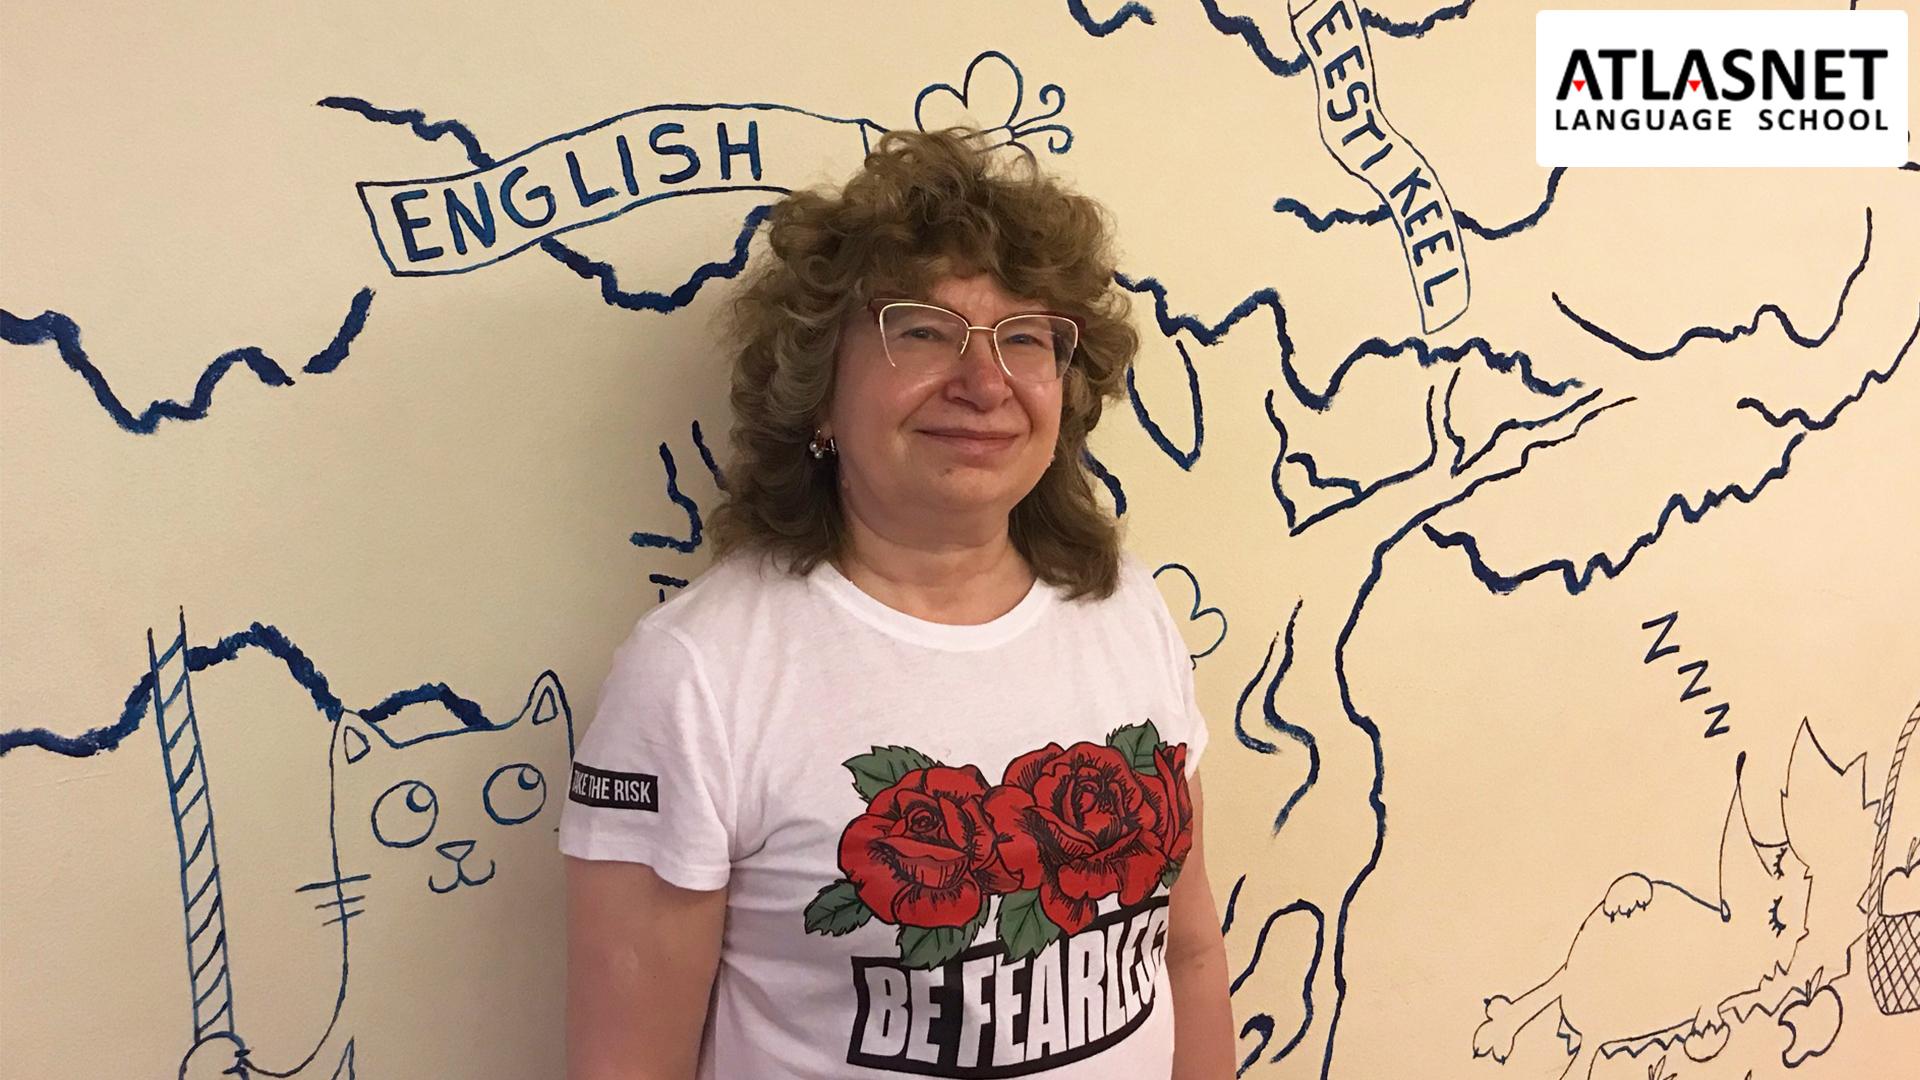 женщина в школе языков atlasnet